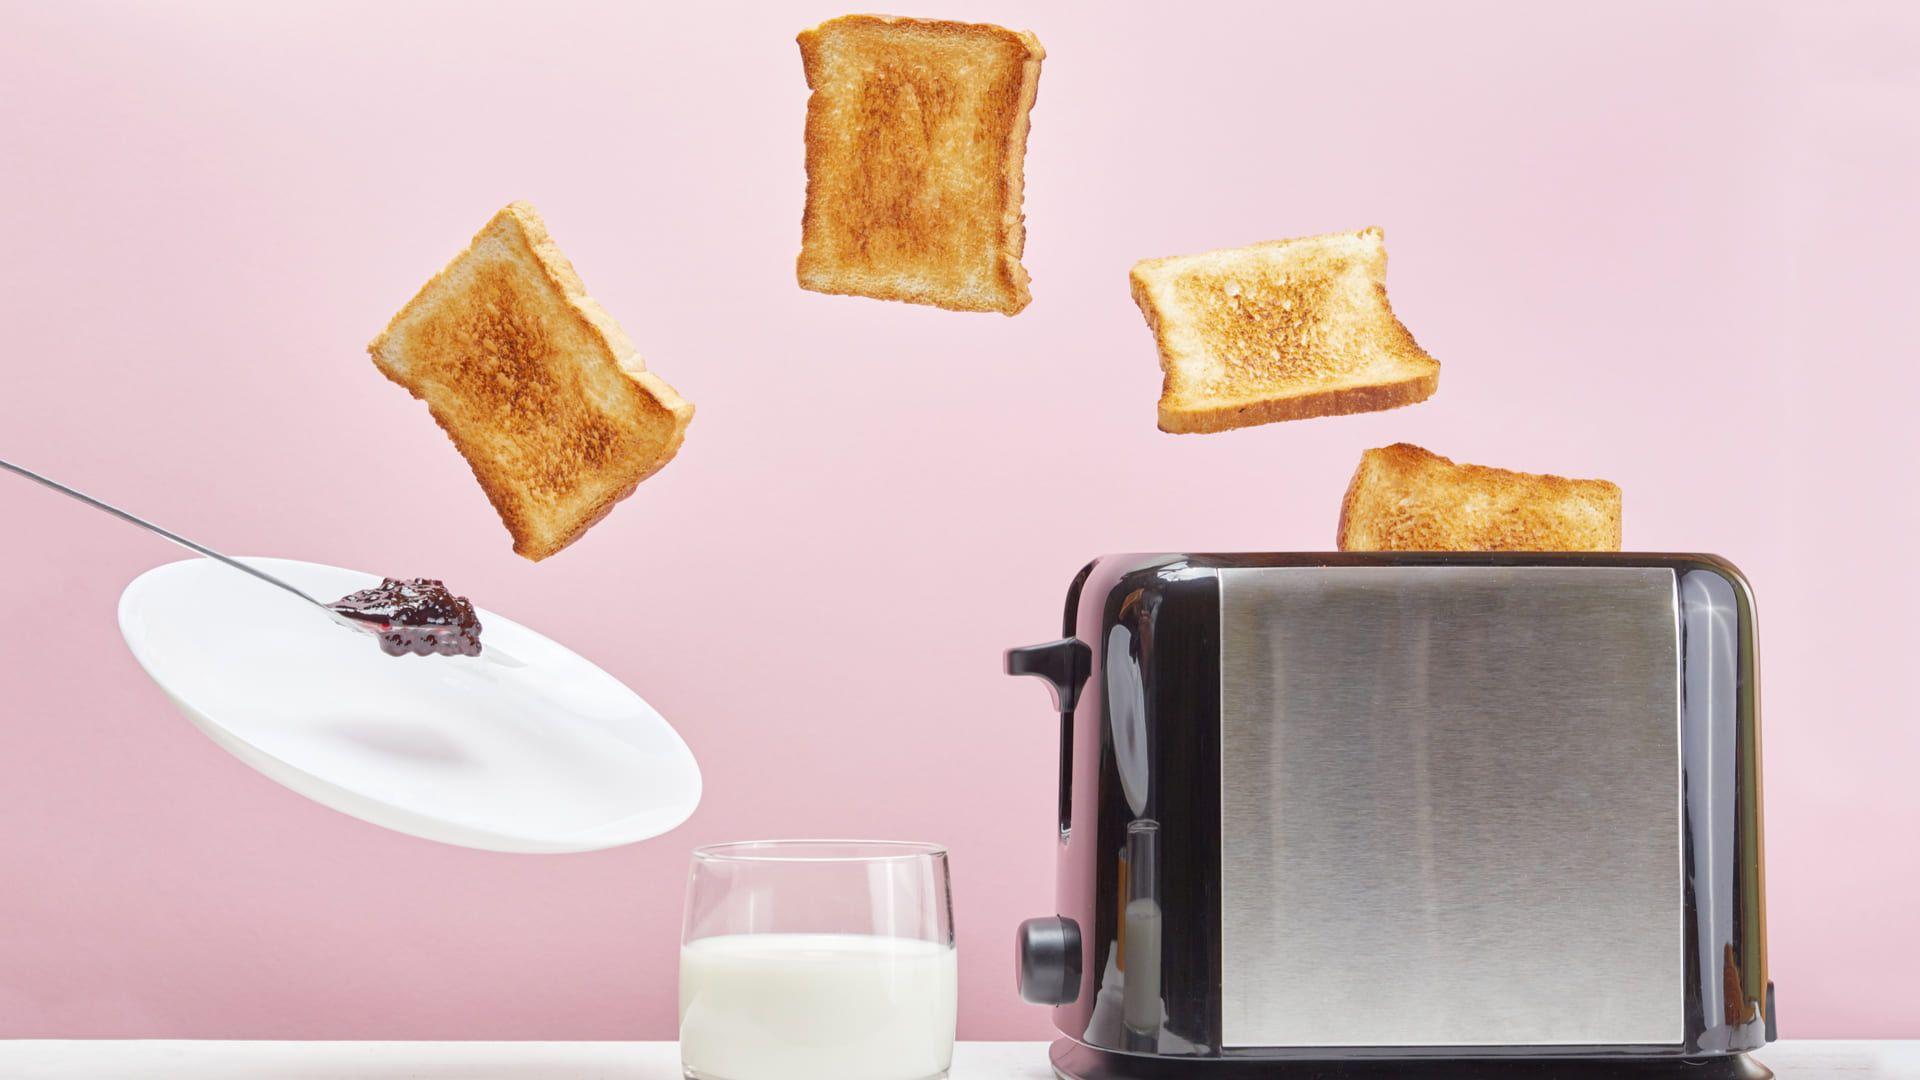 Conheça os recursos para escolher sua torradeira elétrica (Imagem: Reprodução/Shutterstock)